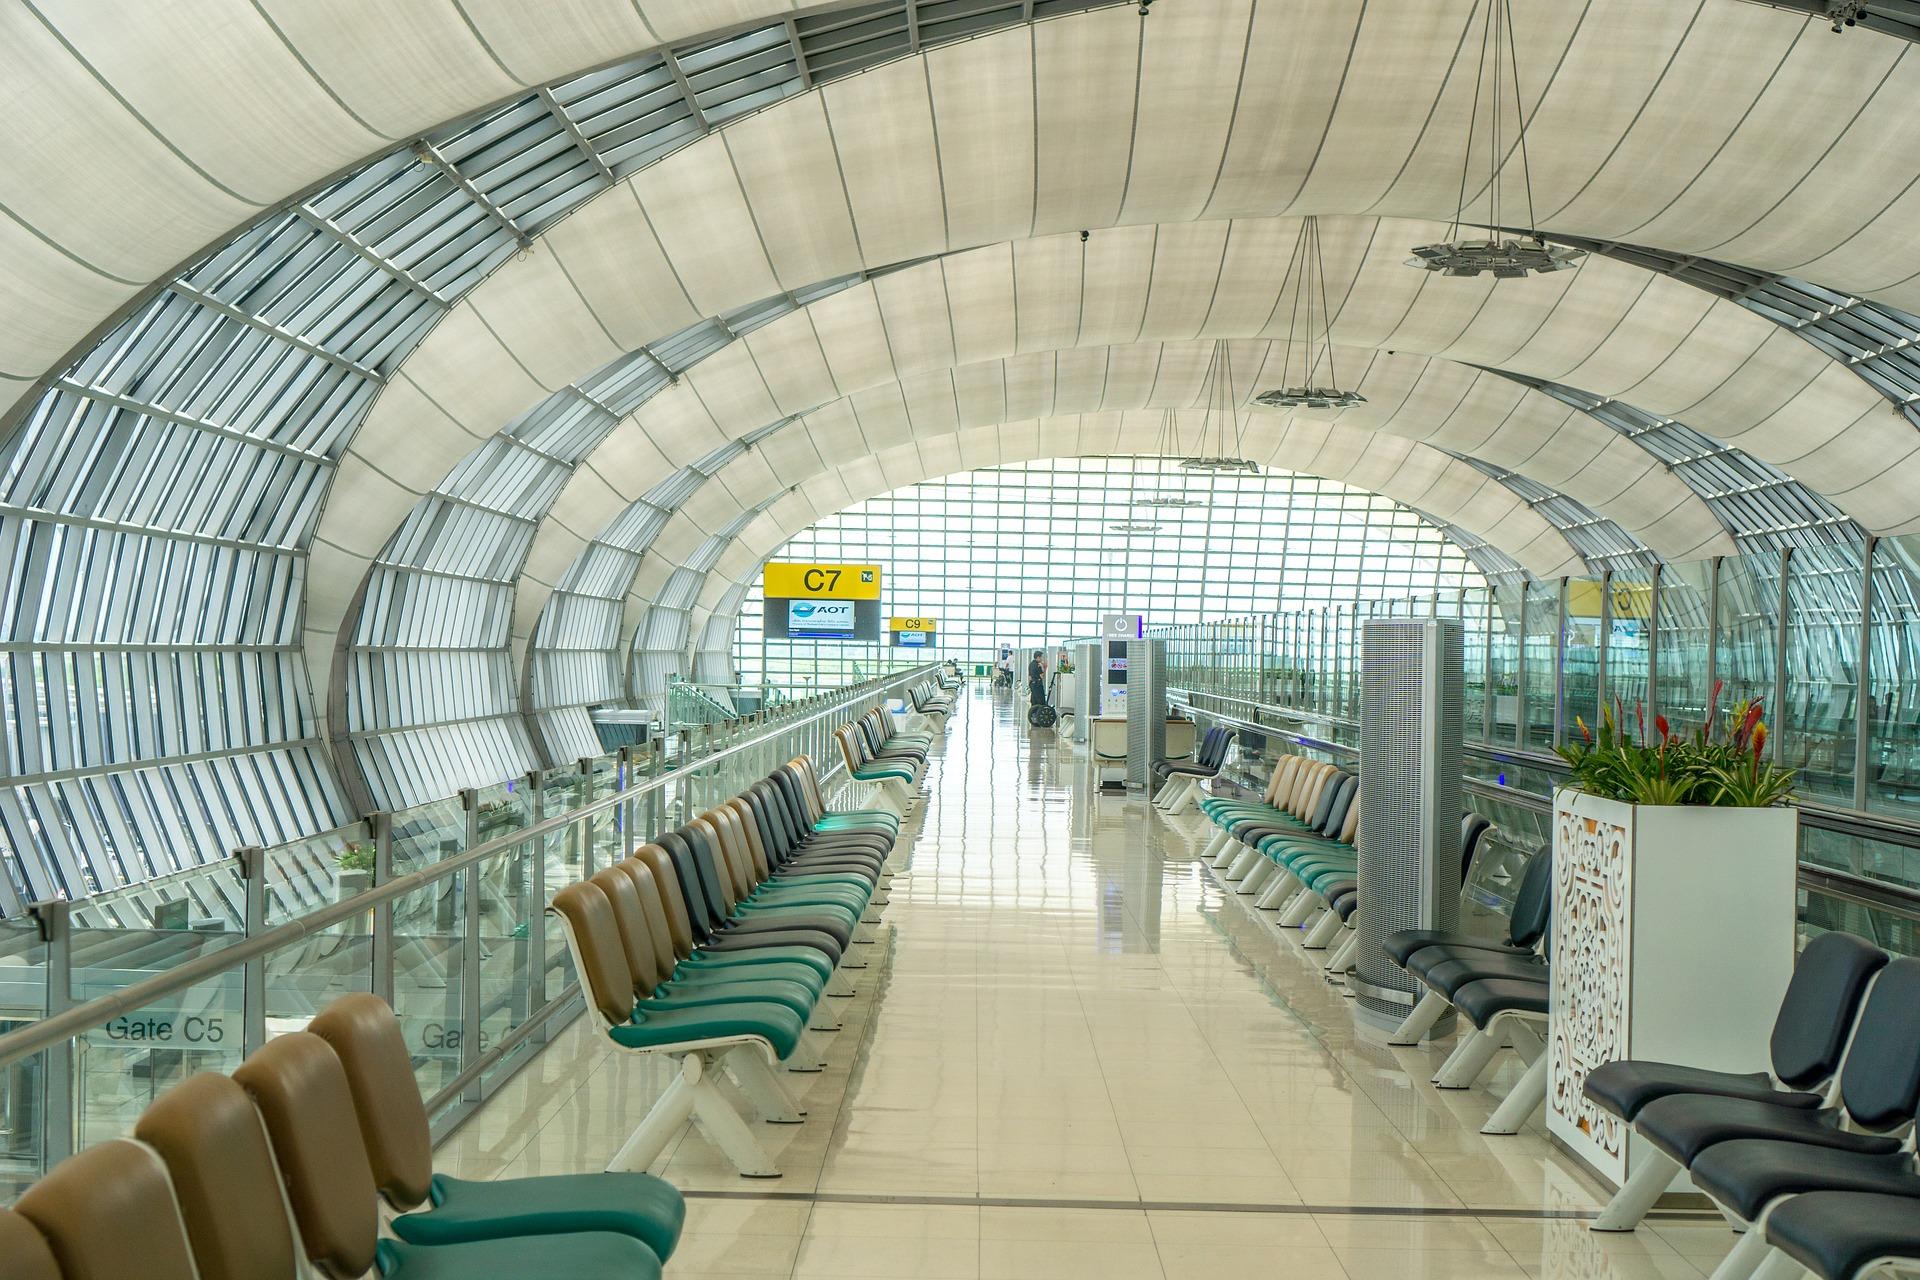 เงื่อนไข บินเข้าประเทศไทย 1 กรกฎาคม 2563